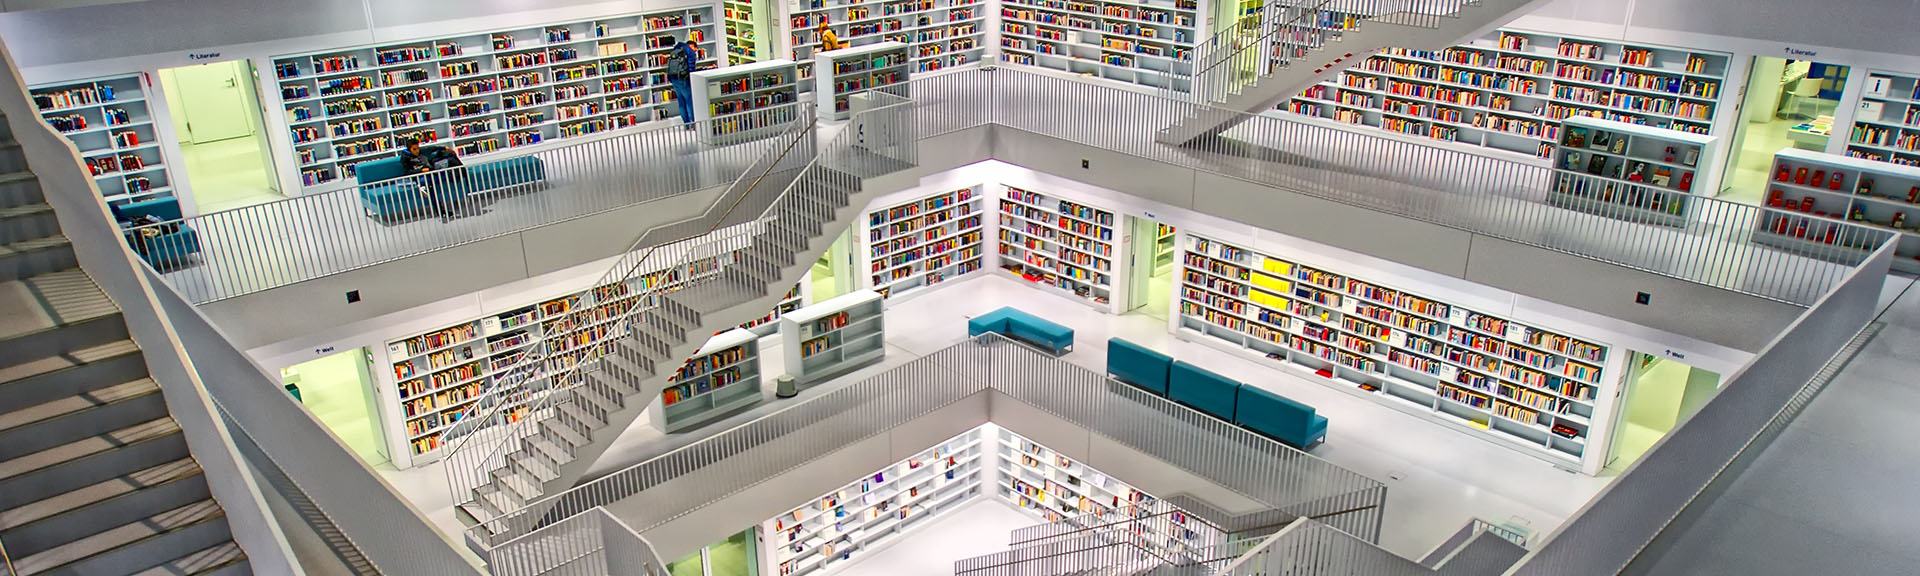 Biblioteca de Stuttgart